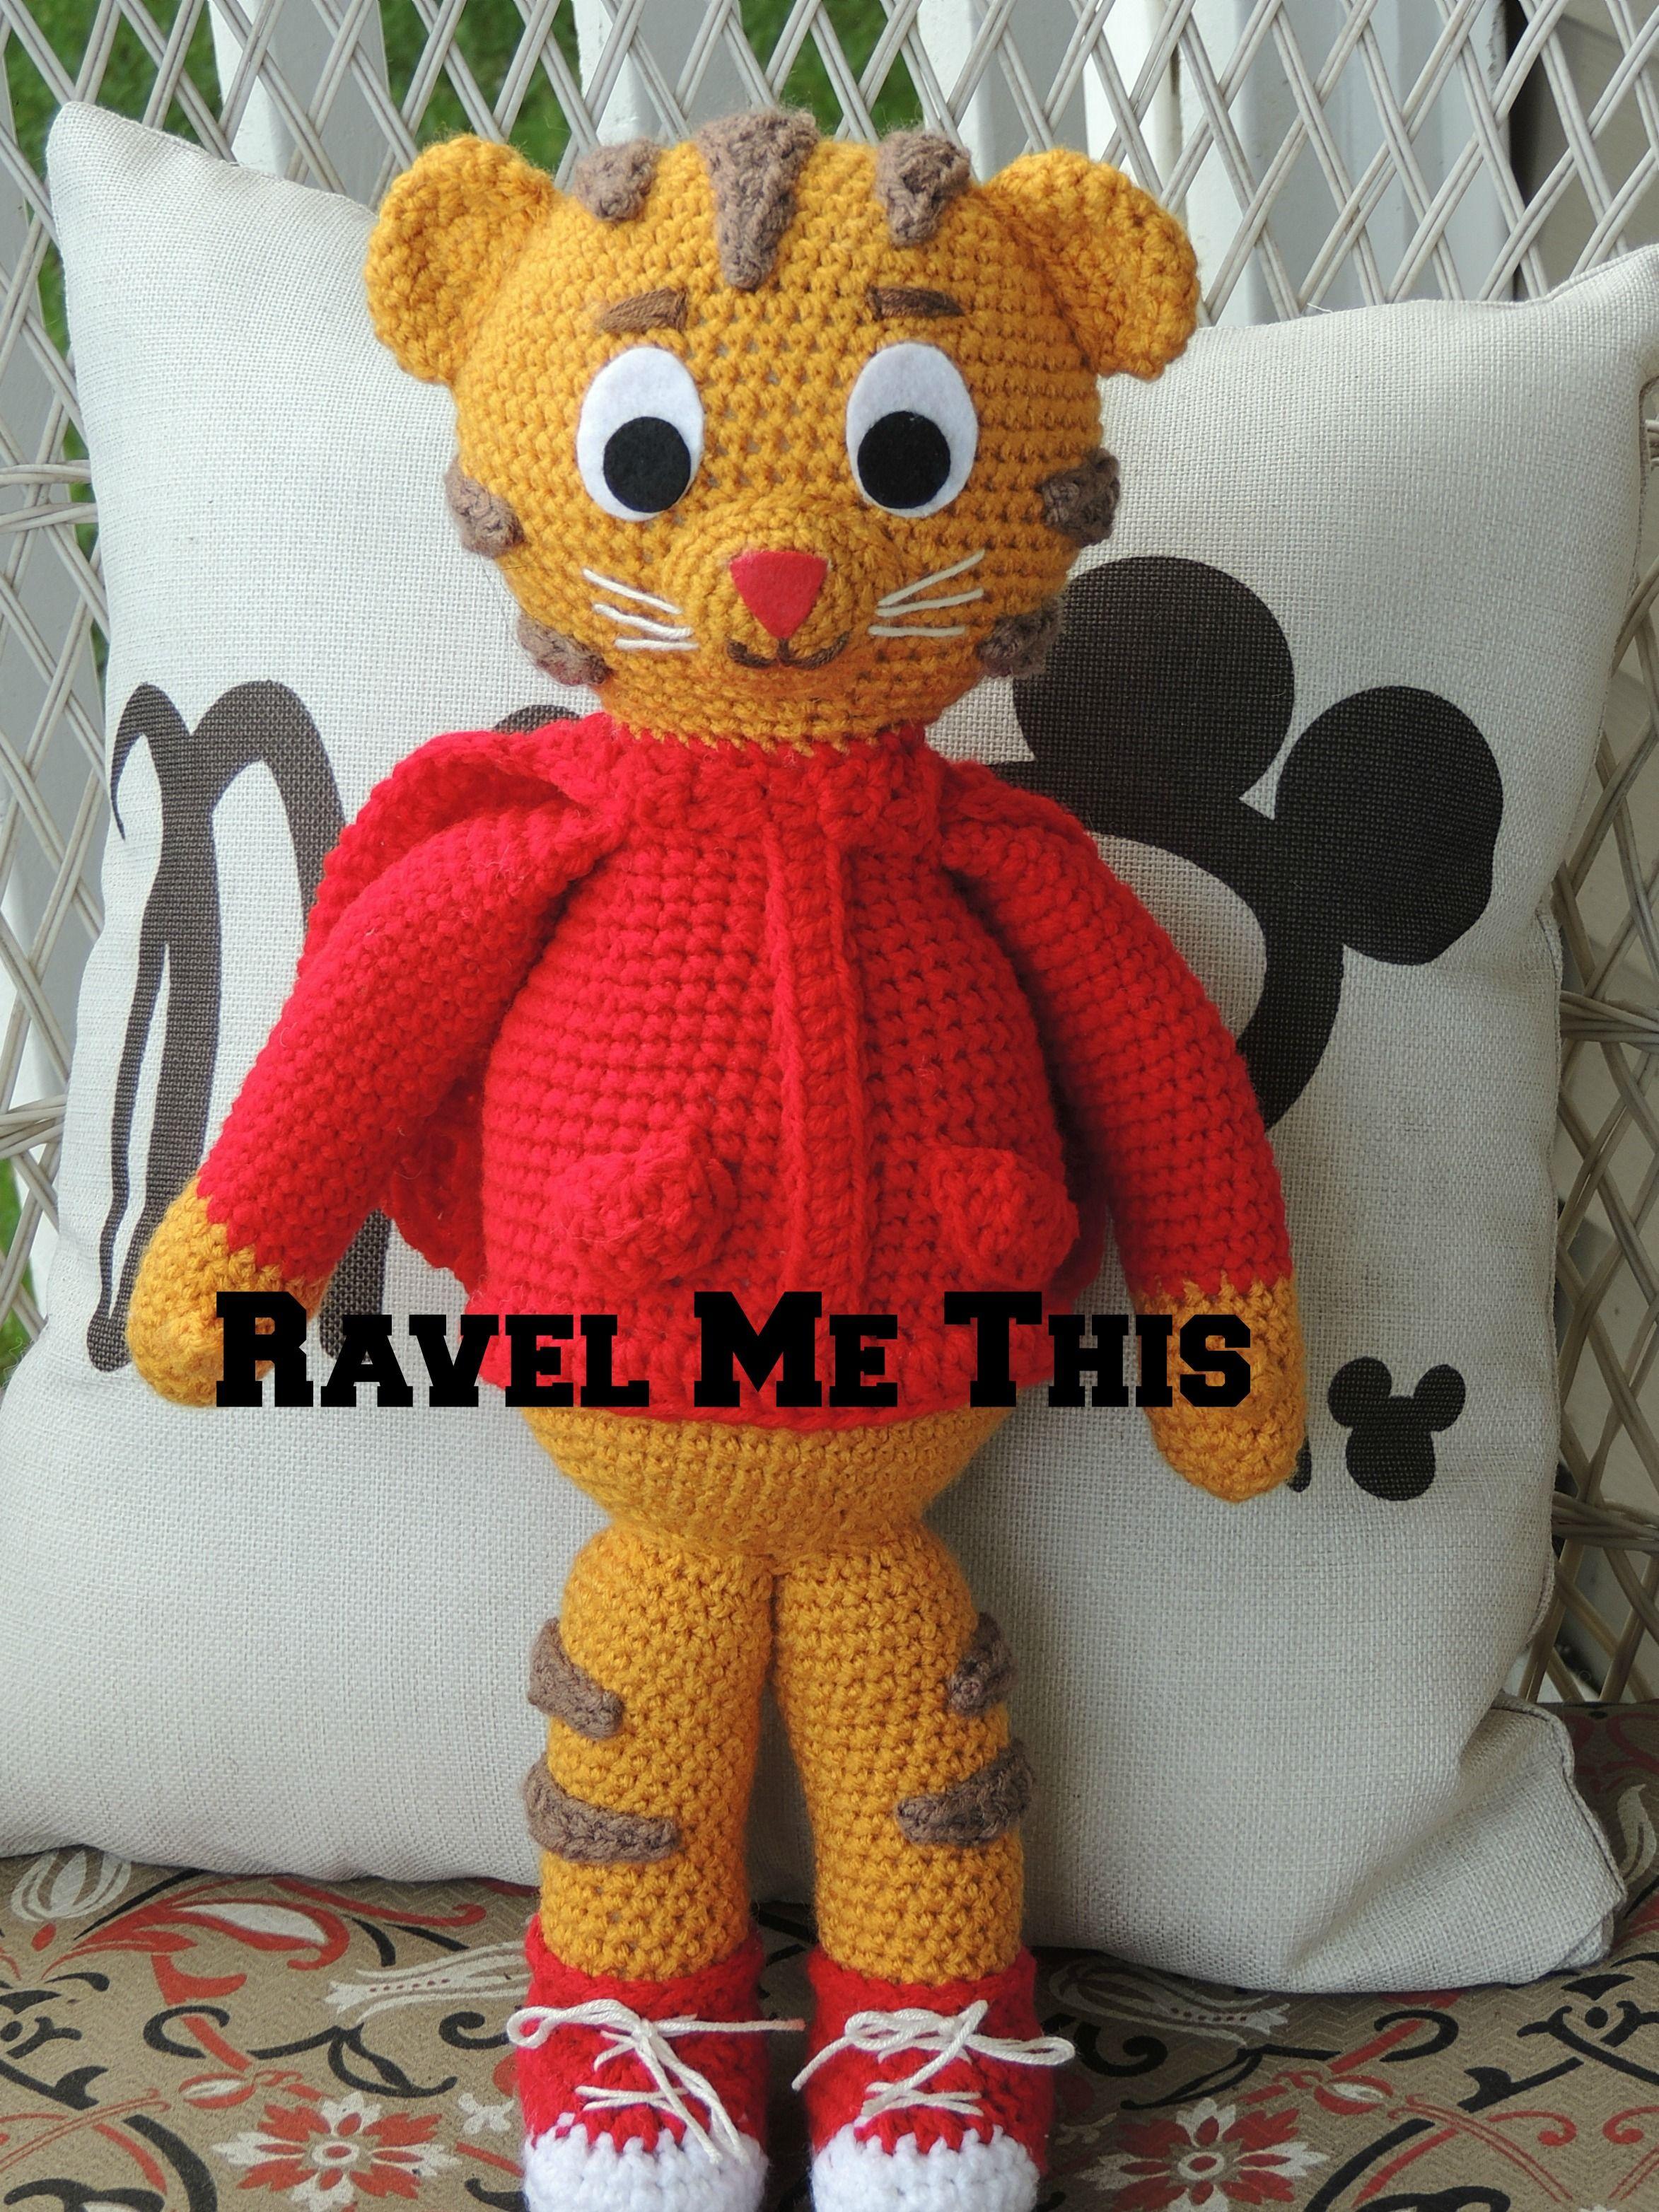 Daniel Tiger crochet doll Ravel Me This | Crochet ...